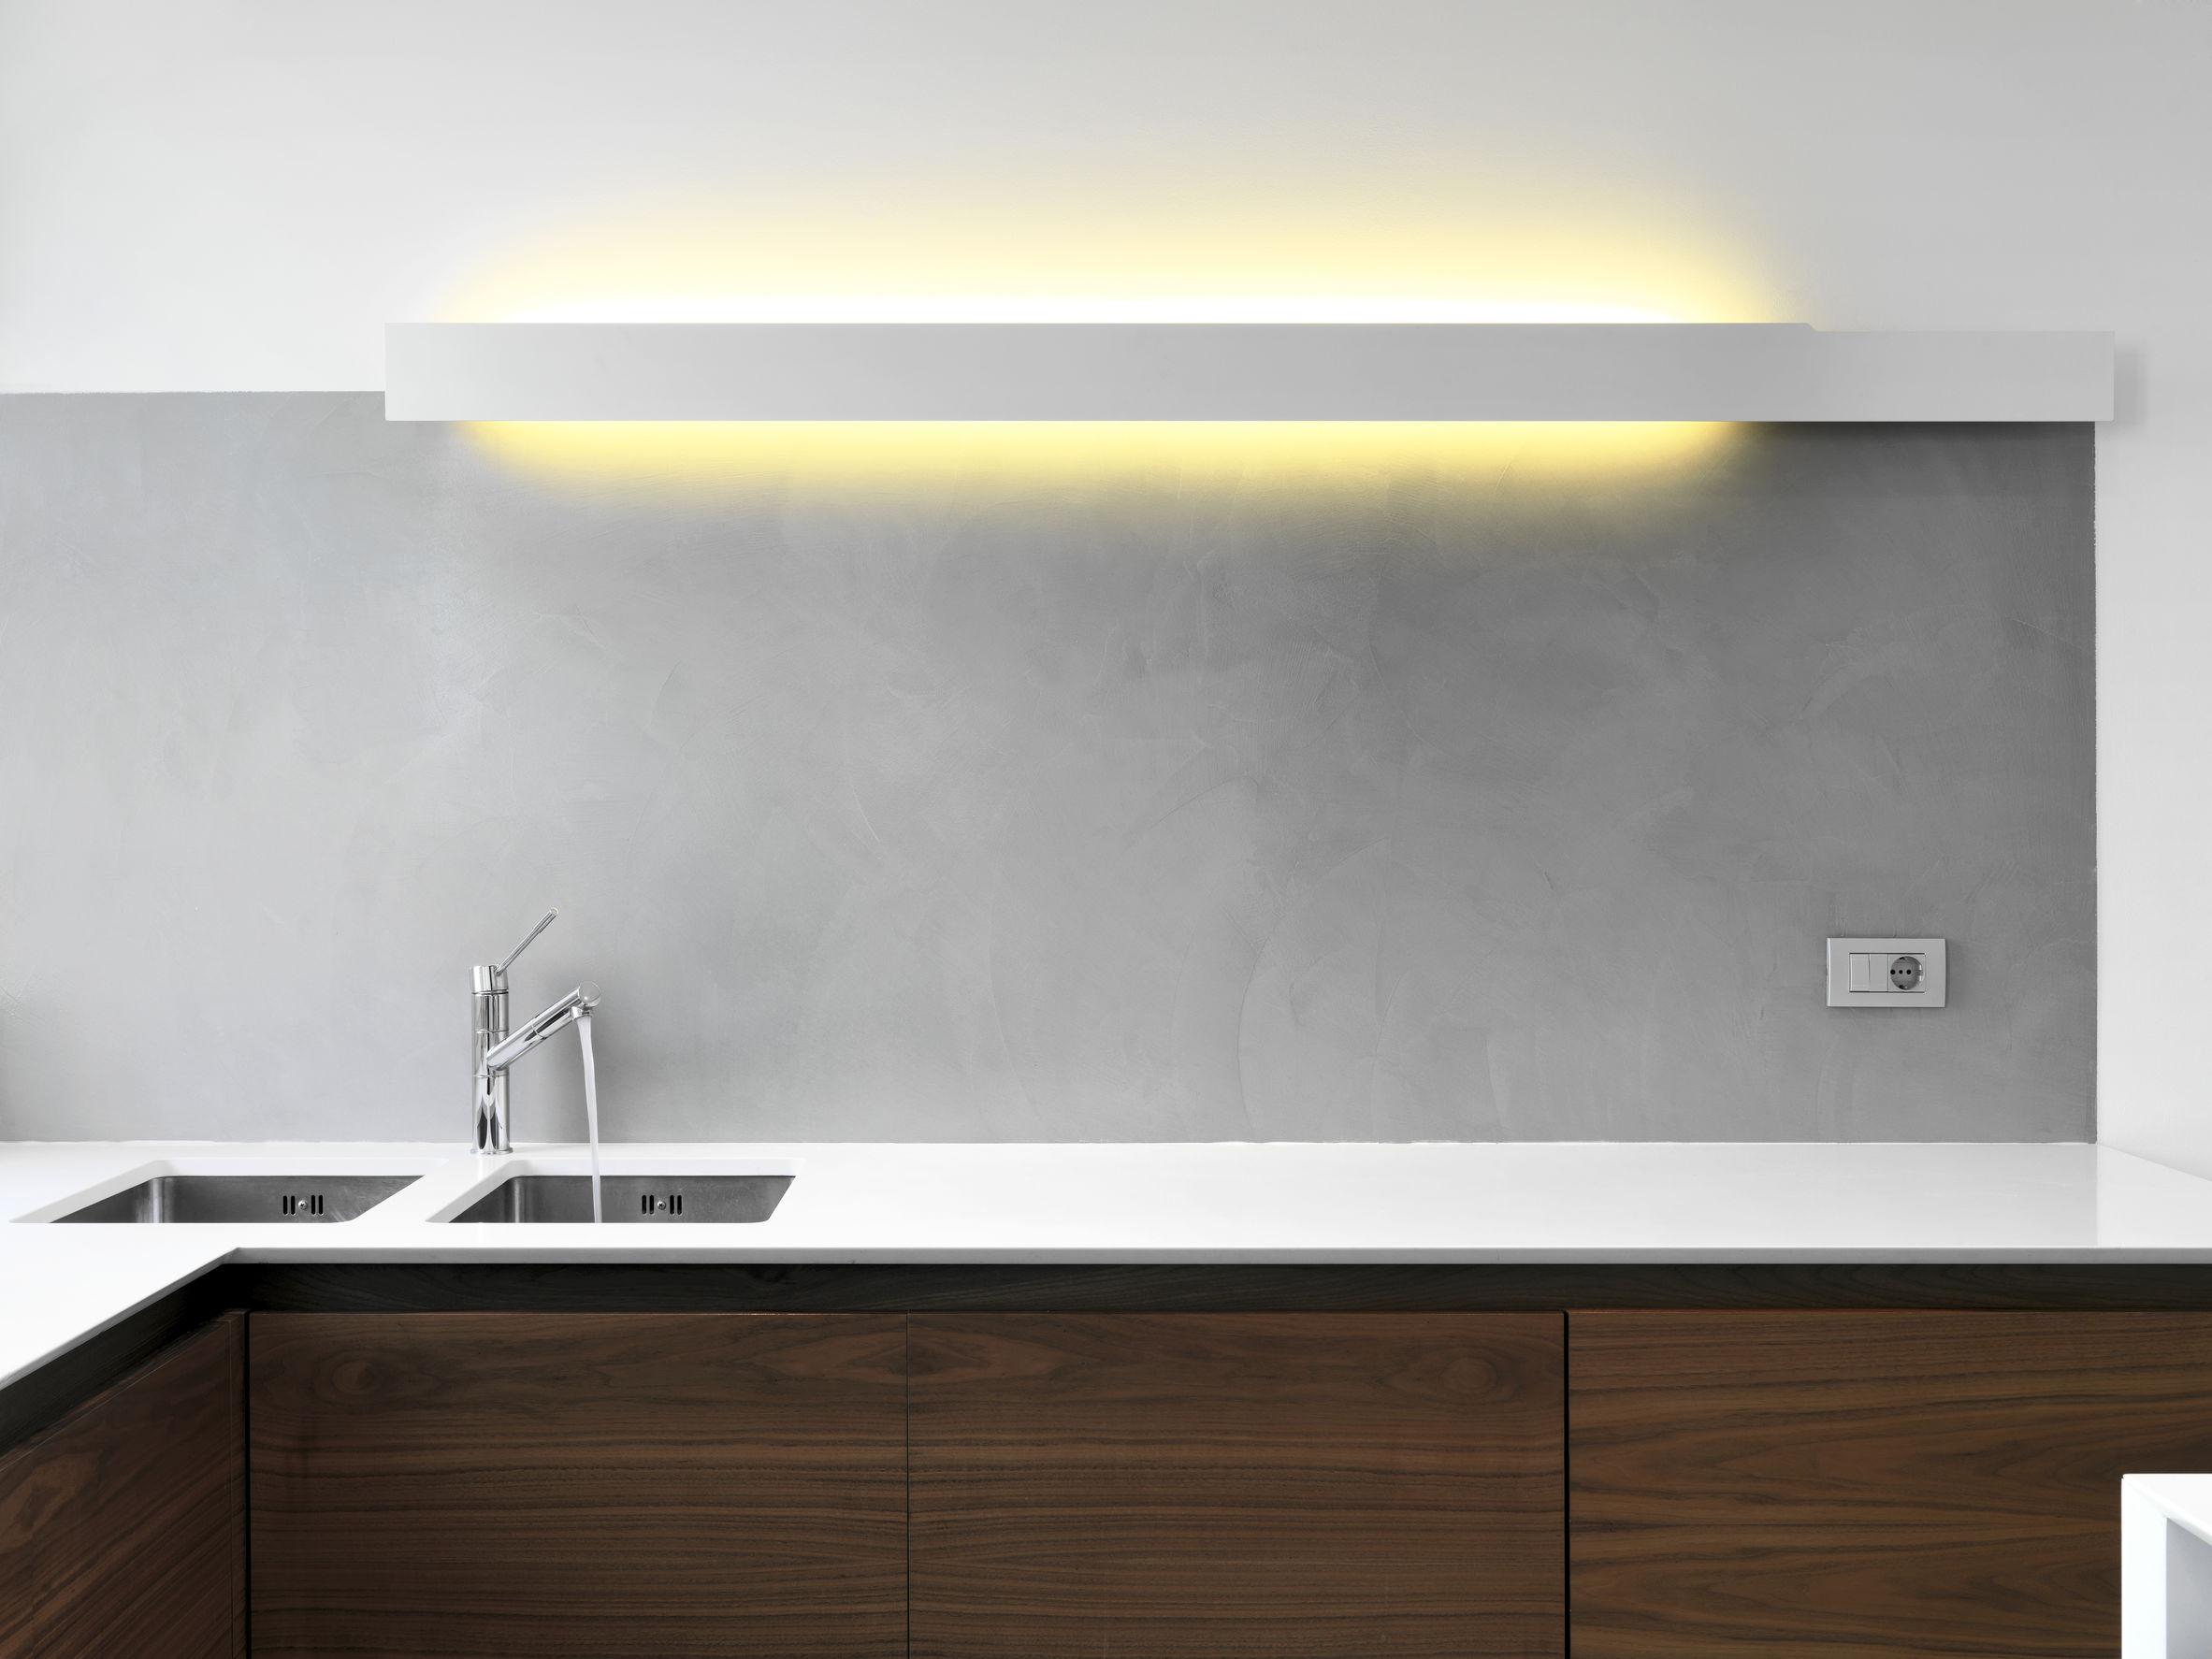 inerior view of a modern kitchen